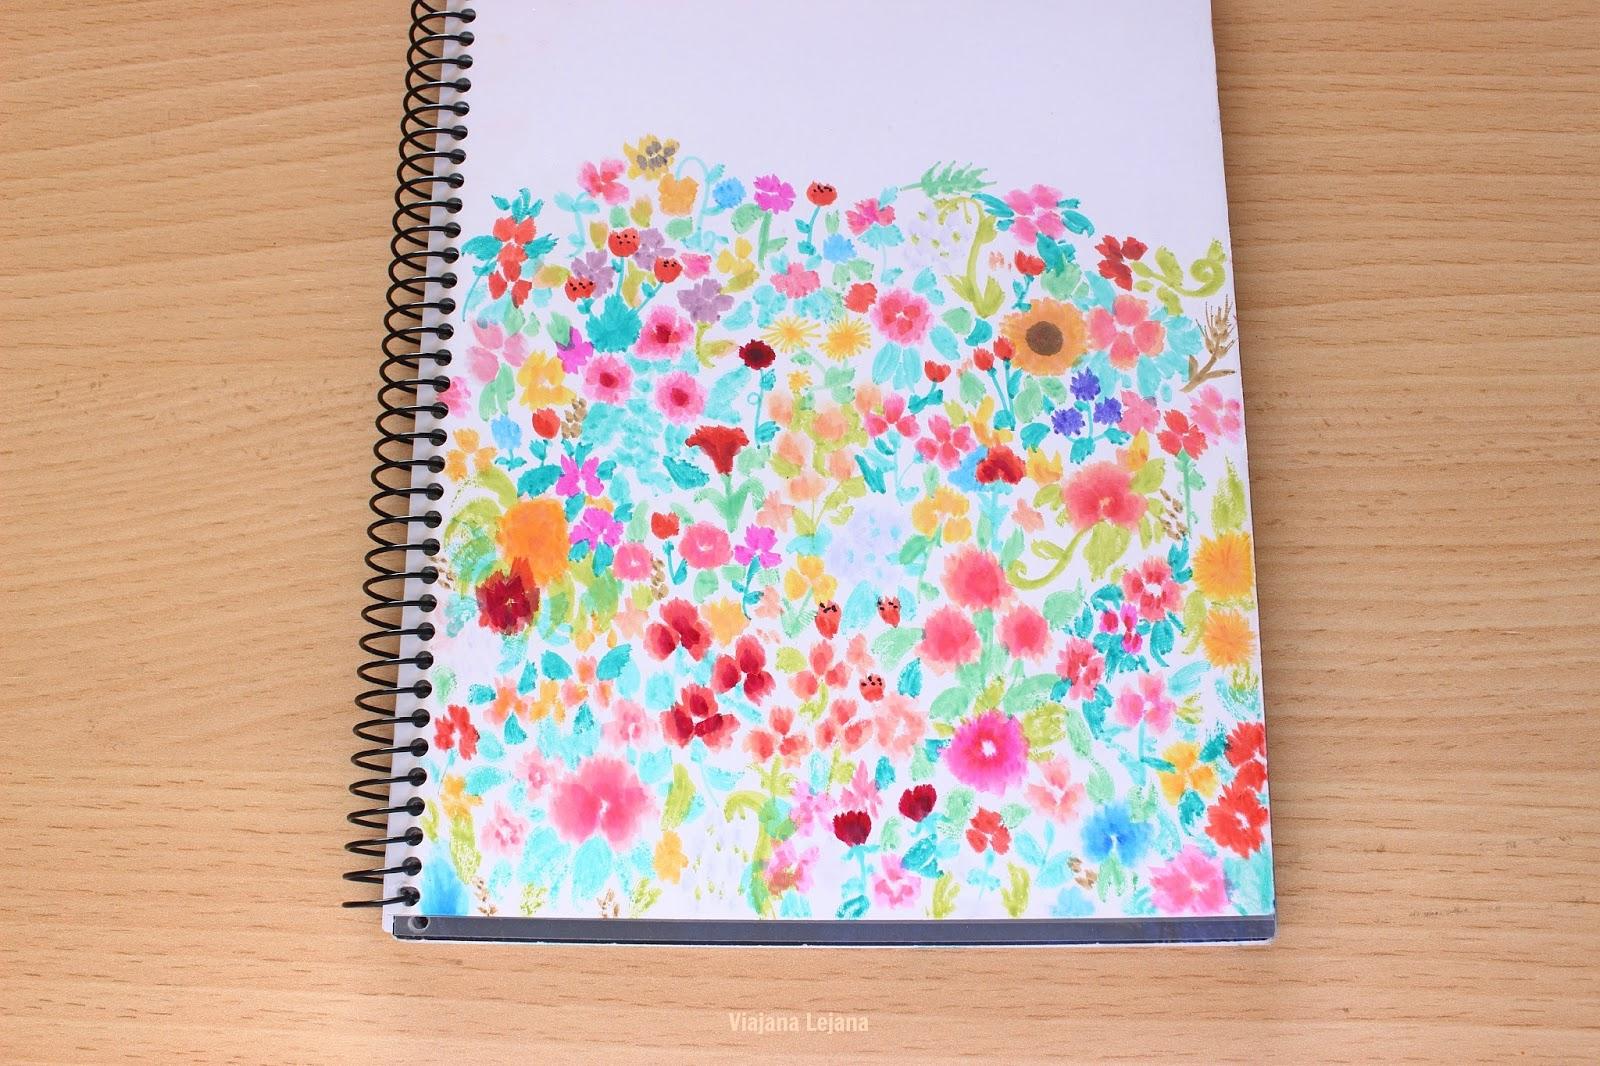 Estampado floral con rotuladores efecto acuarela   Viajana Lejana